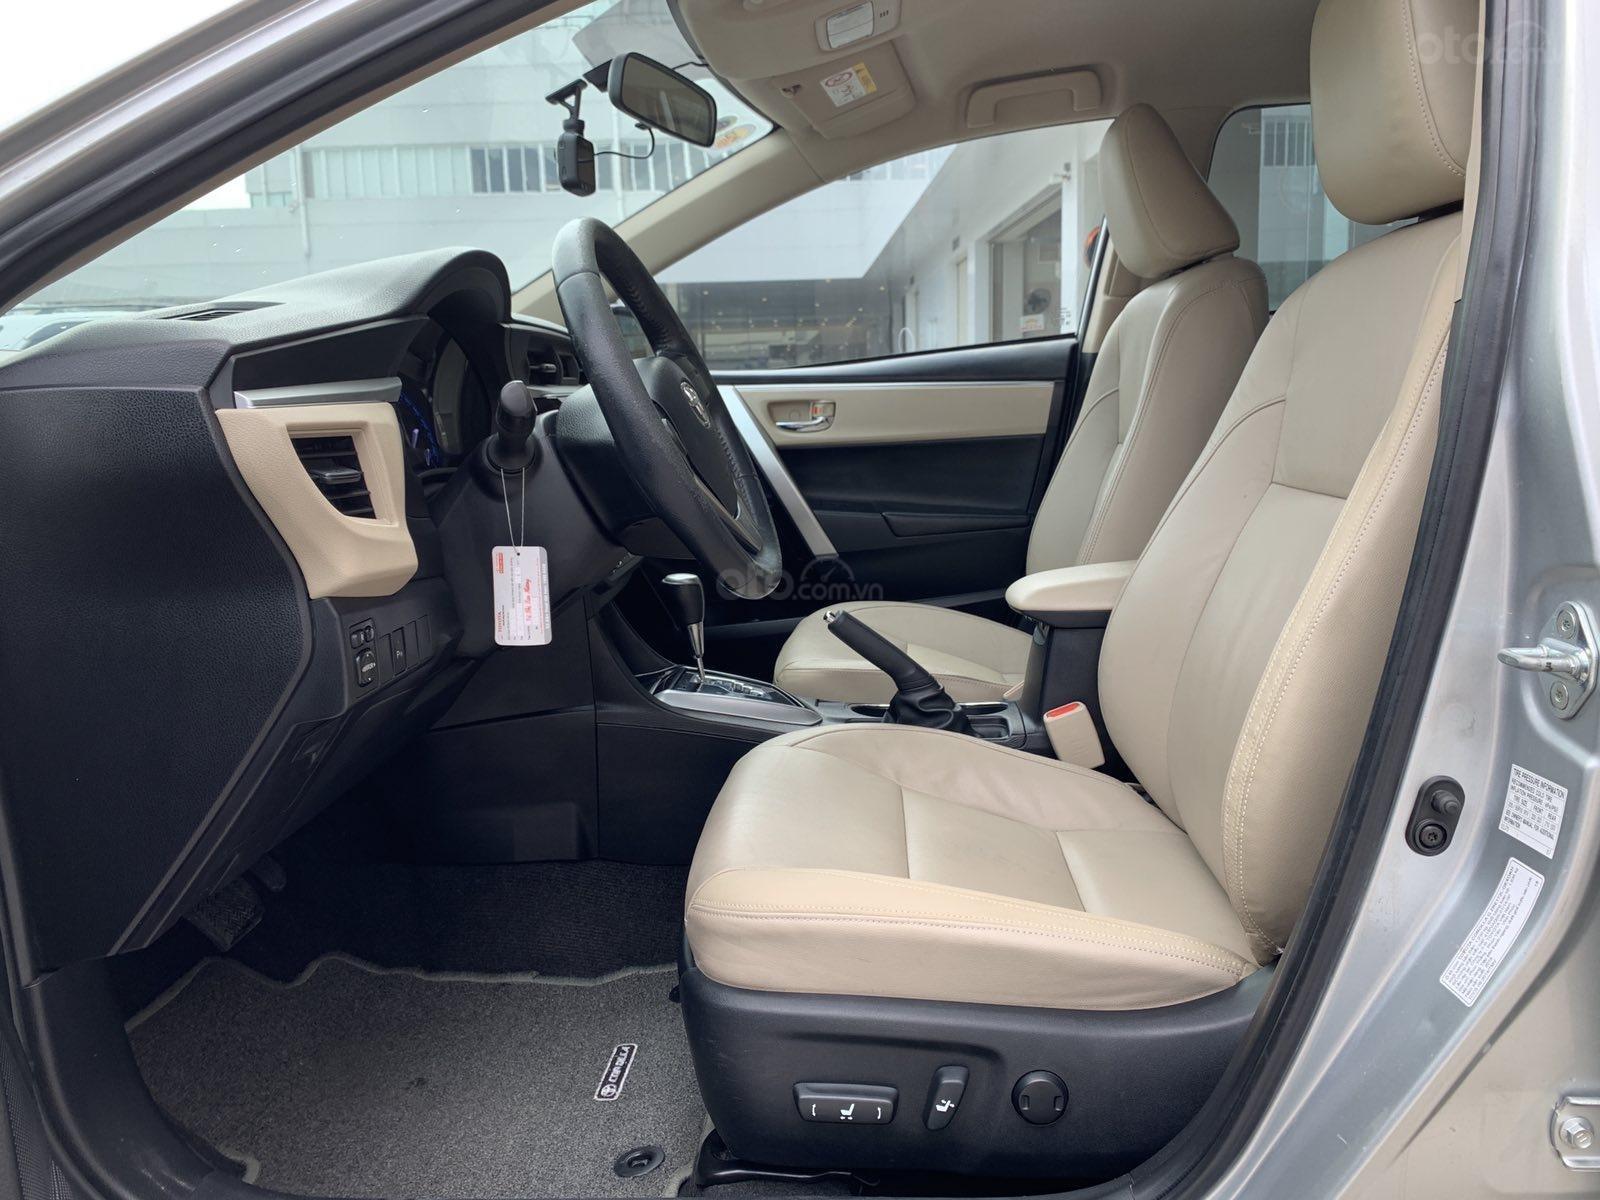 Cần bán xe Toyota Corolla Altis 1.8G CVT 2015 màu bạc đi 69.000km, BS. TpHCM - Xe chất giá tốt chính hãng (6)